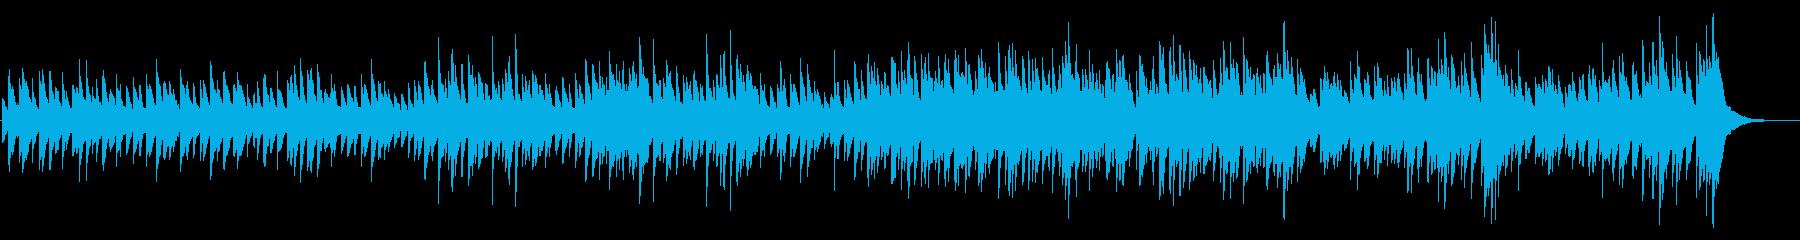 ハンドパンを使った軽快で清涼感のある音楽の再生済みの波形